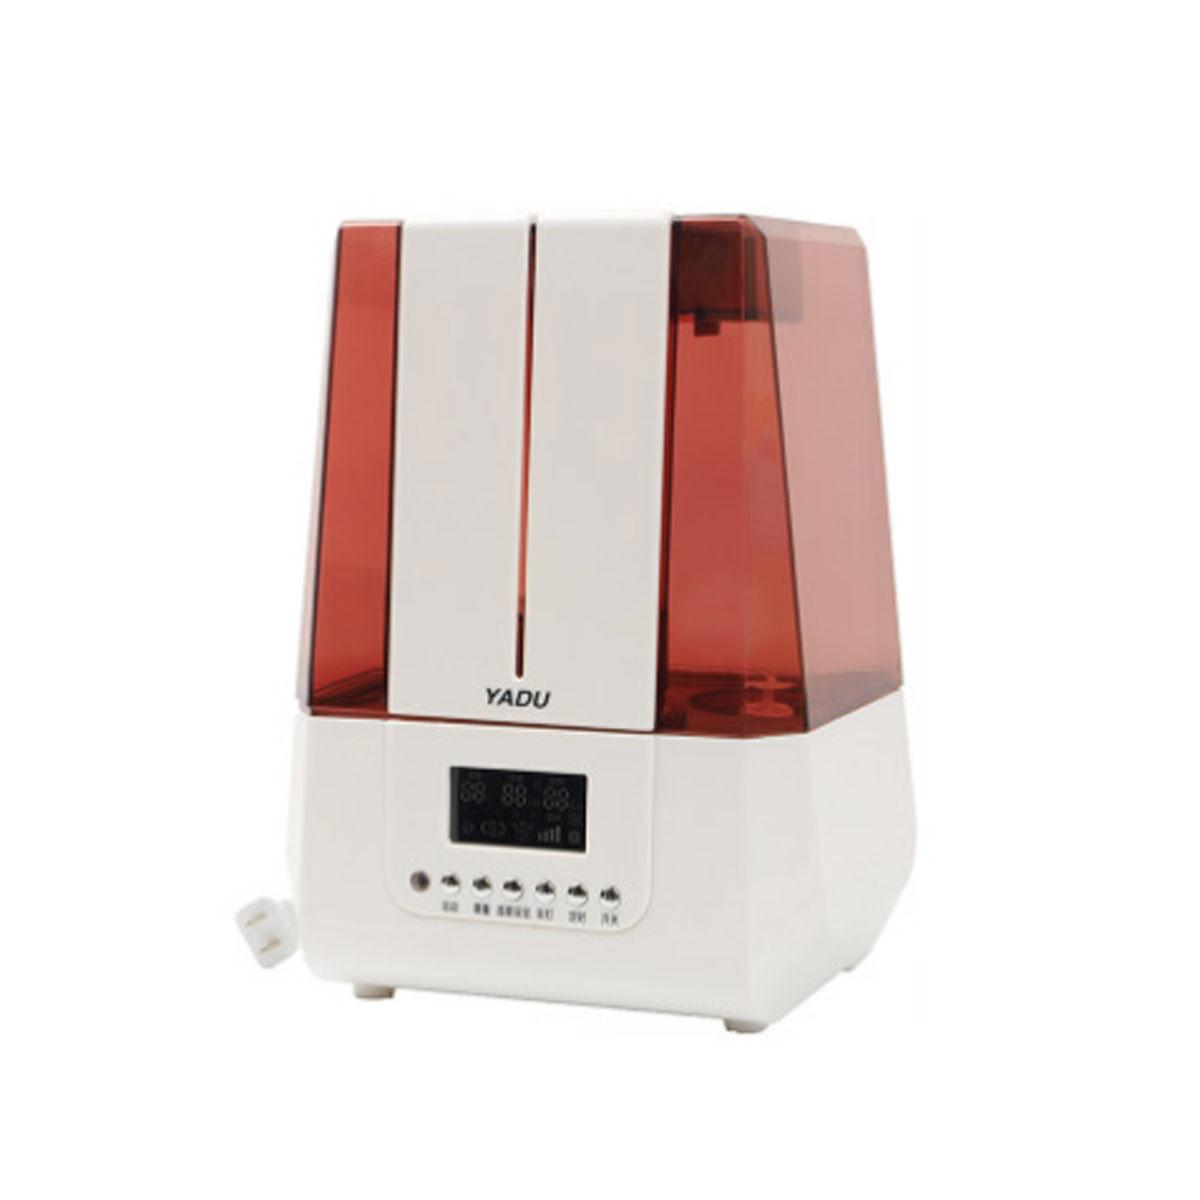 亚都加湿器 SCK-H056 低噪音 5L超大水箱 家用带遥控